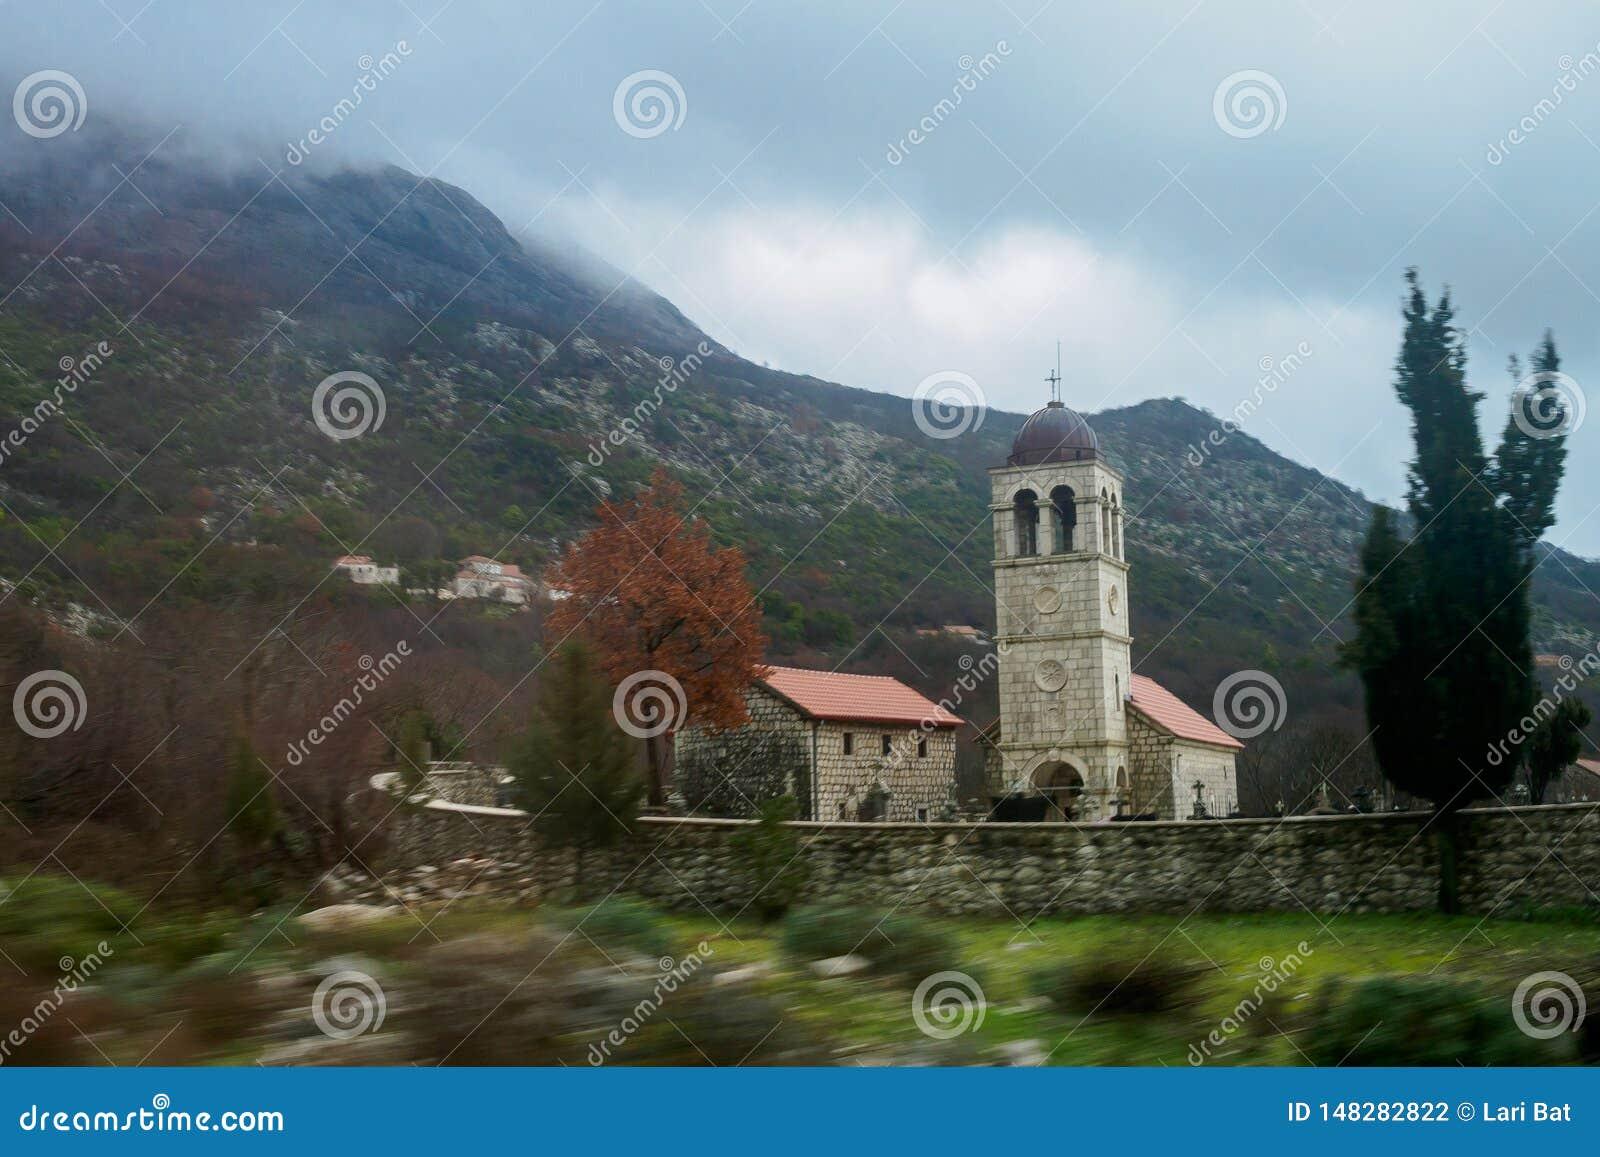 Ett kapell i en liten bykyrkogård bak ett staket i bakgrunden av berg i molnigt väder F?rgrunden ?r suddig